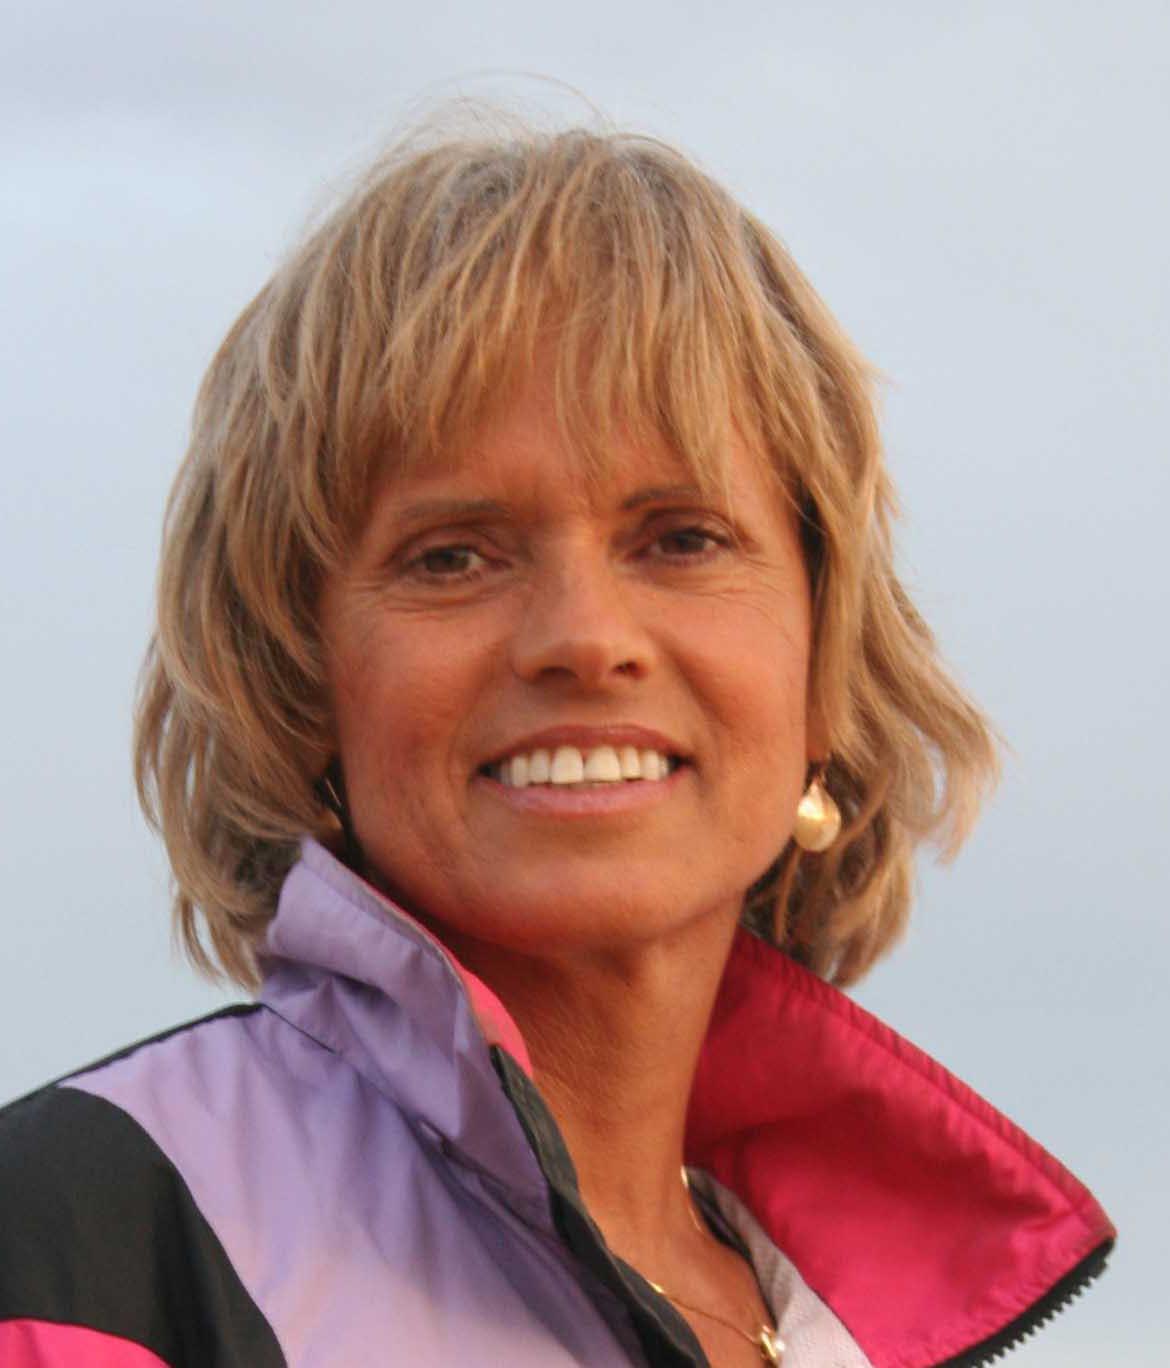 Dr JoAnn Dahlkoetter